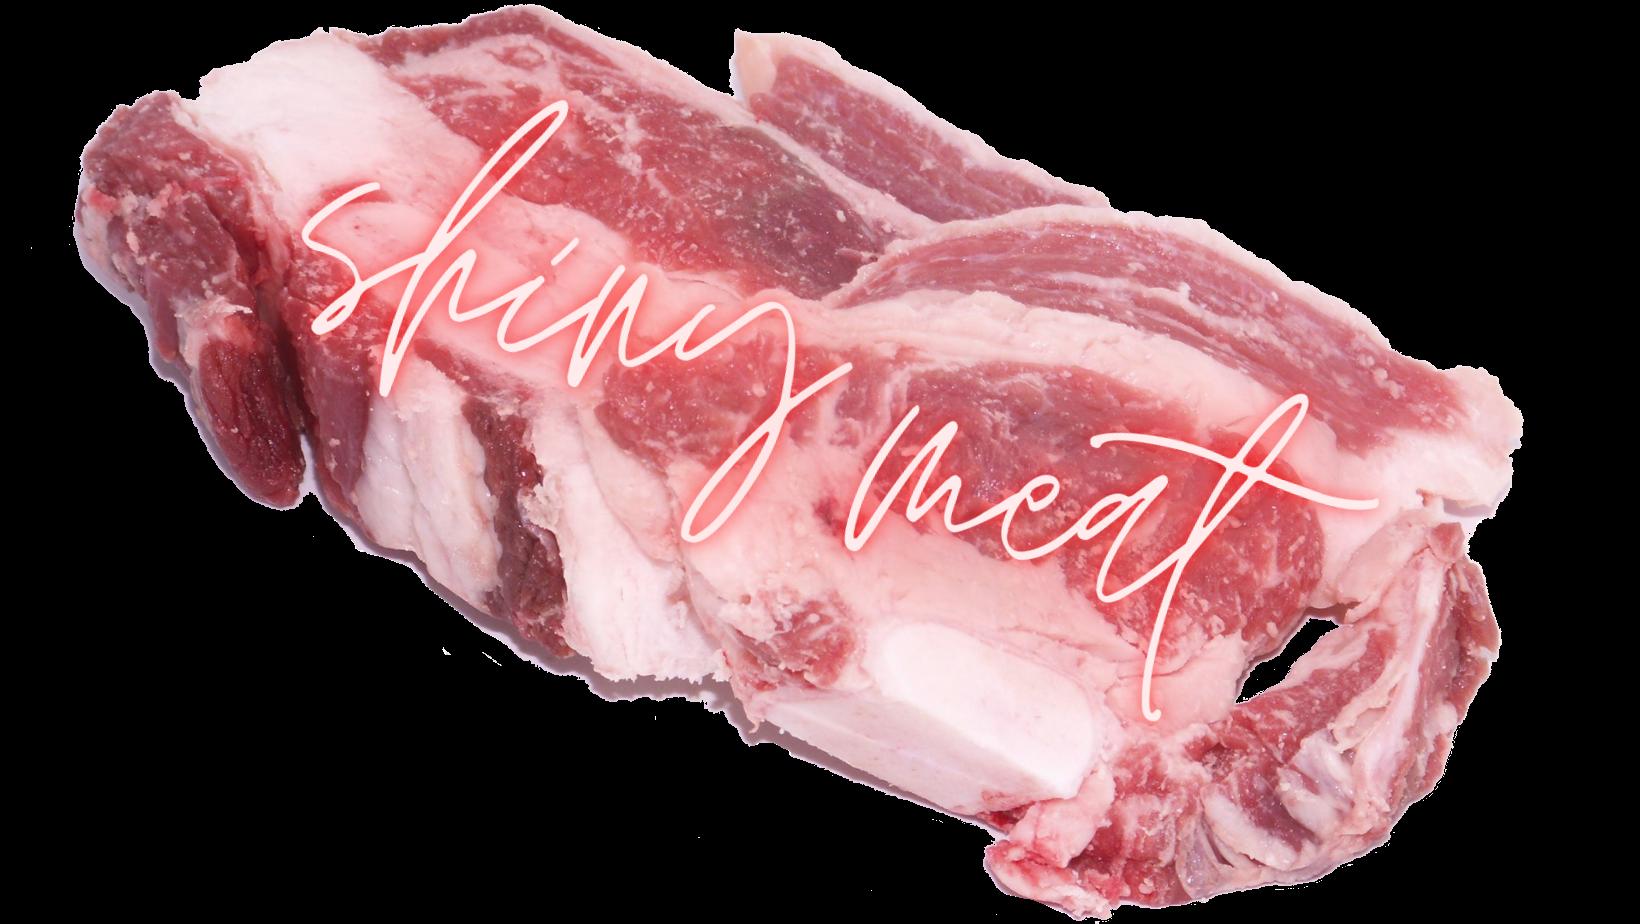 Shiny Meat